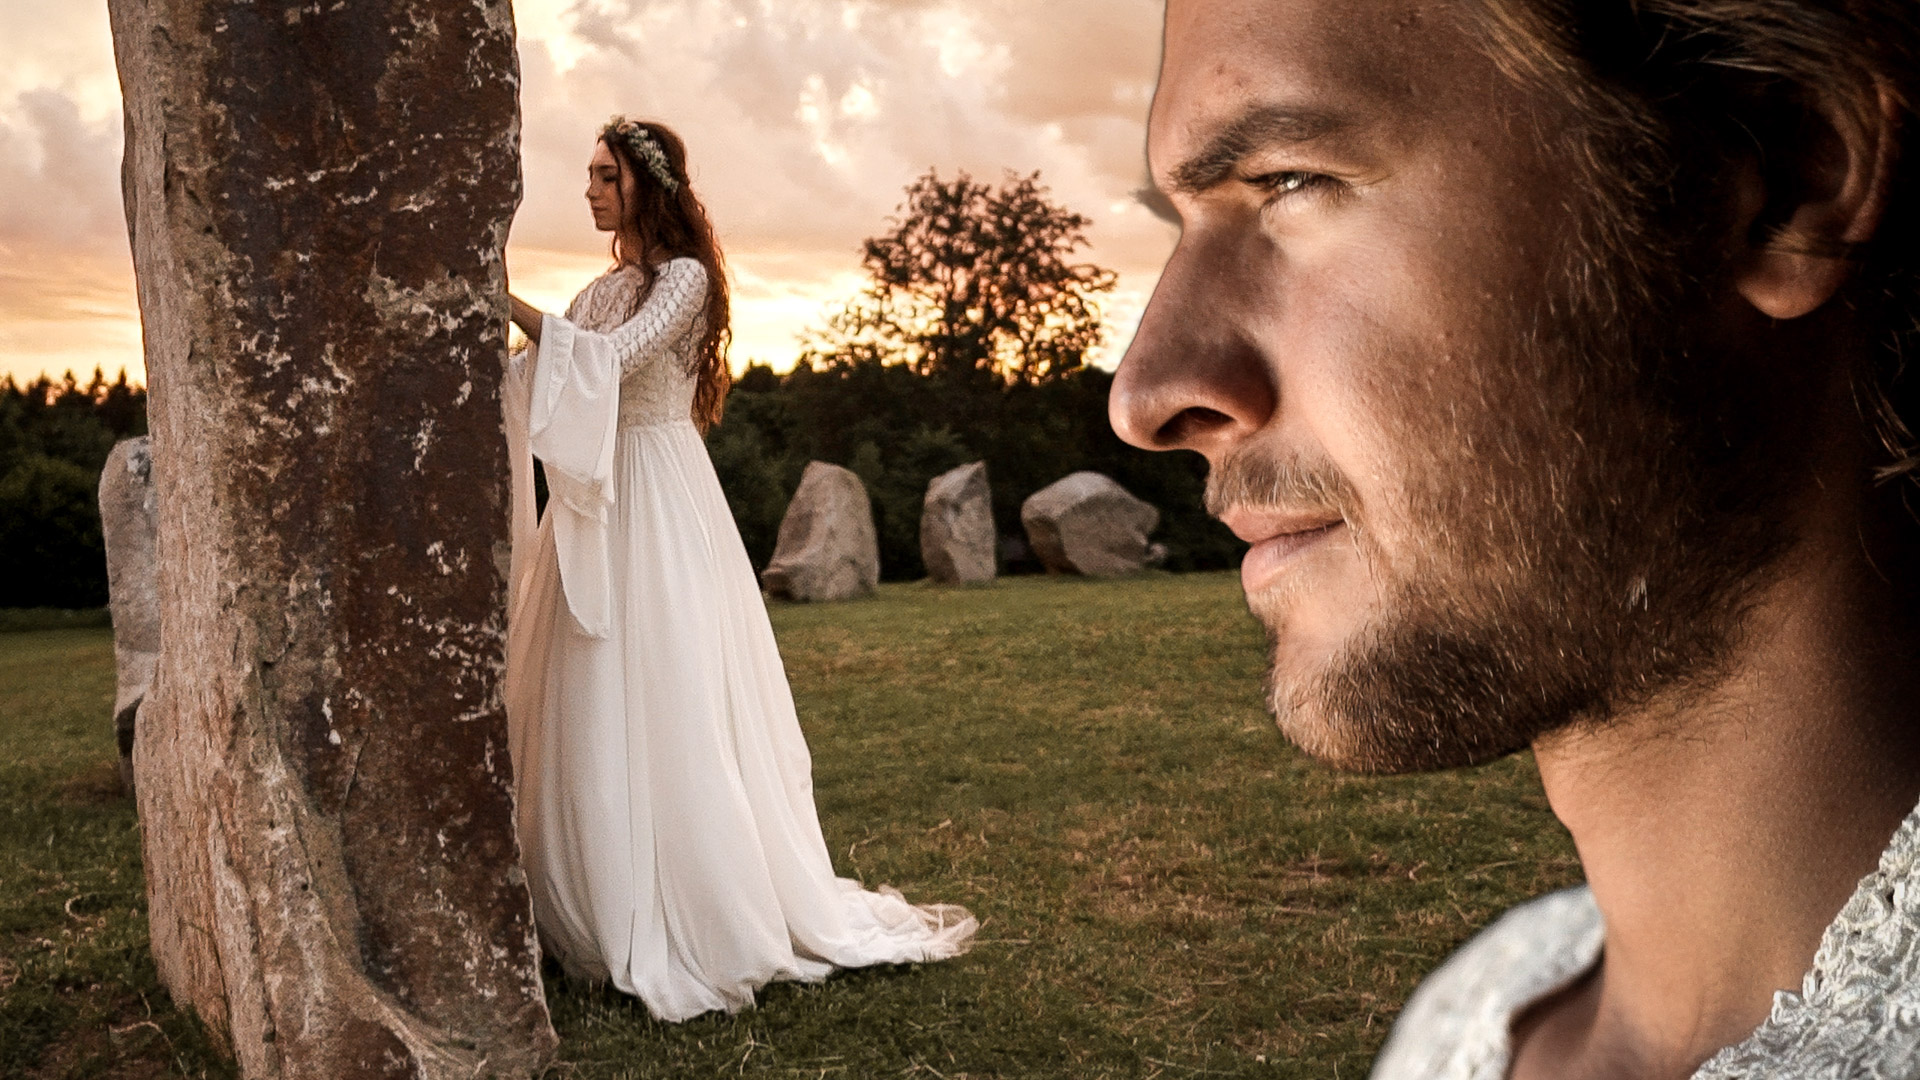 Nejkrásnější svatba v Kamenném kruhu Druidů a Letohrádku sv. Vojtěch v Počátkách